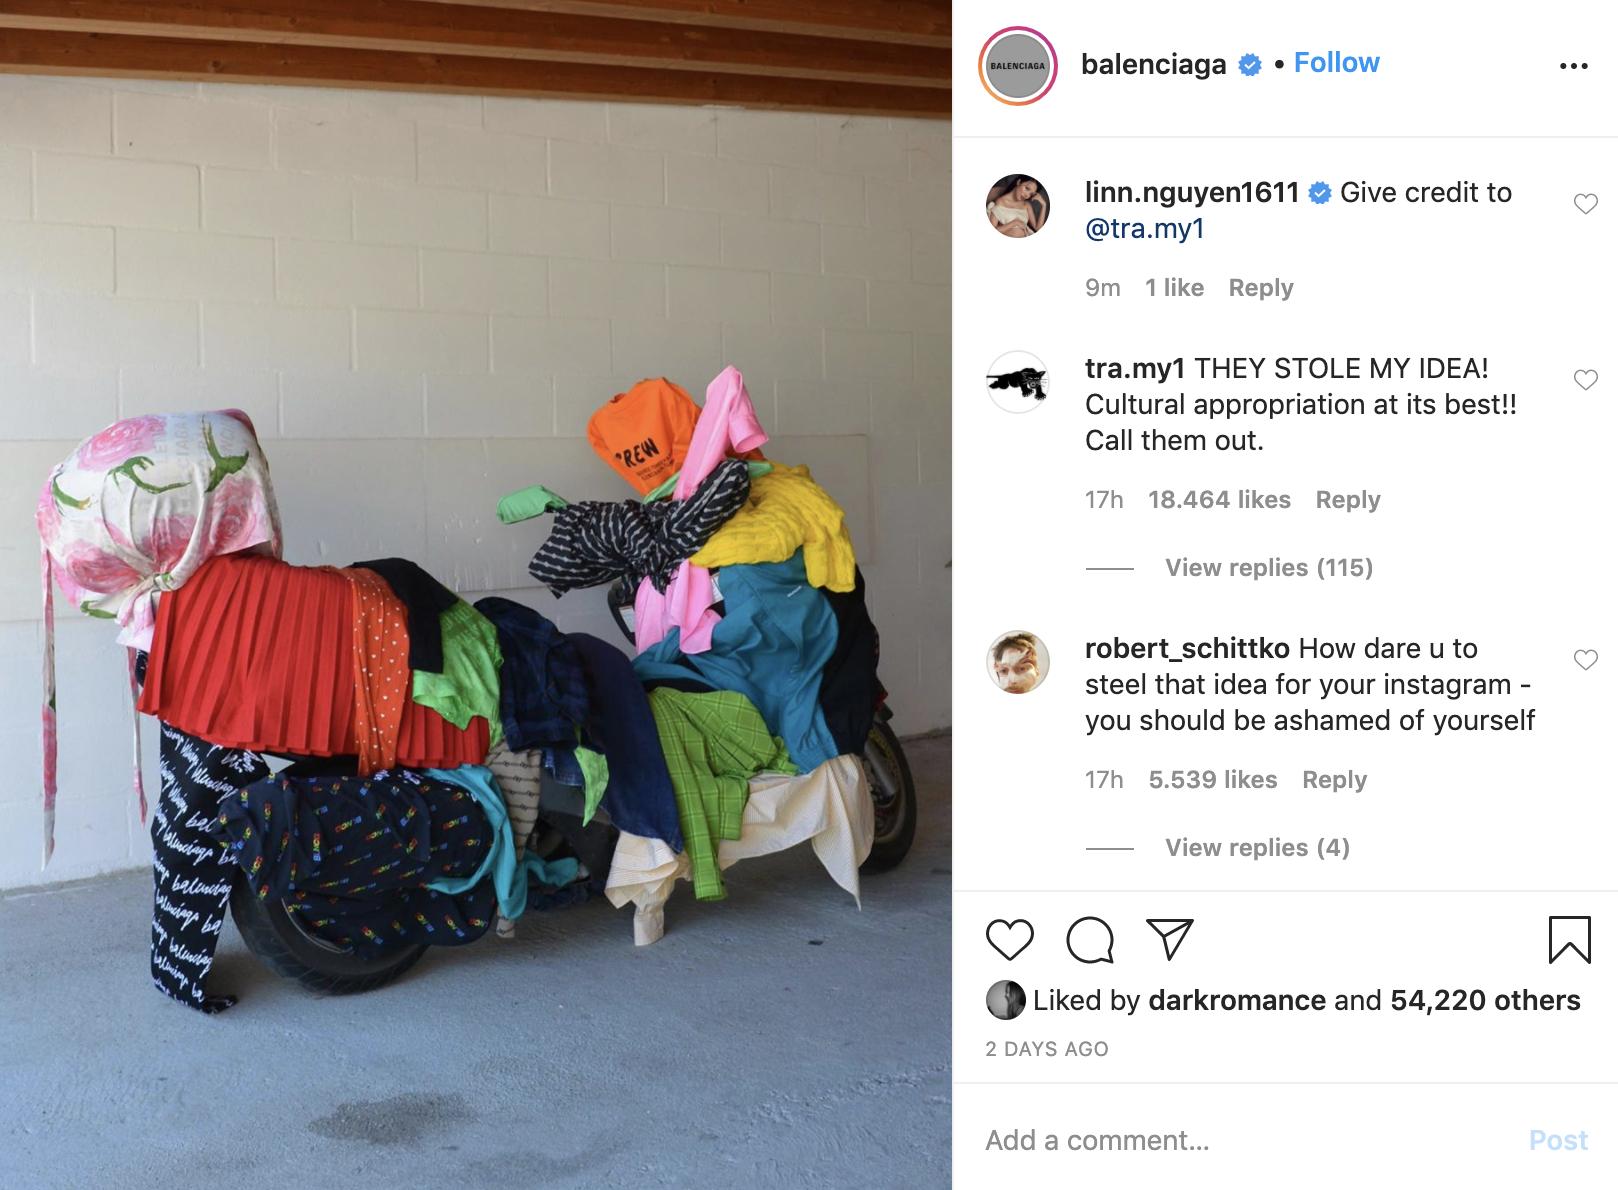 Cô gái gốc Việt tố Balenciaga ăn cắp ý tưởng, khiến netizen khủng bố Instagram của thương hiệu - Ảnh 2.